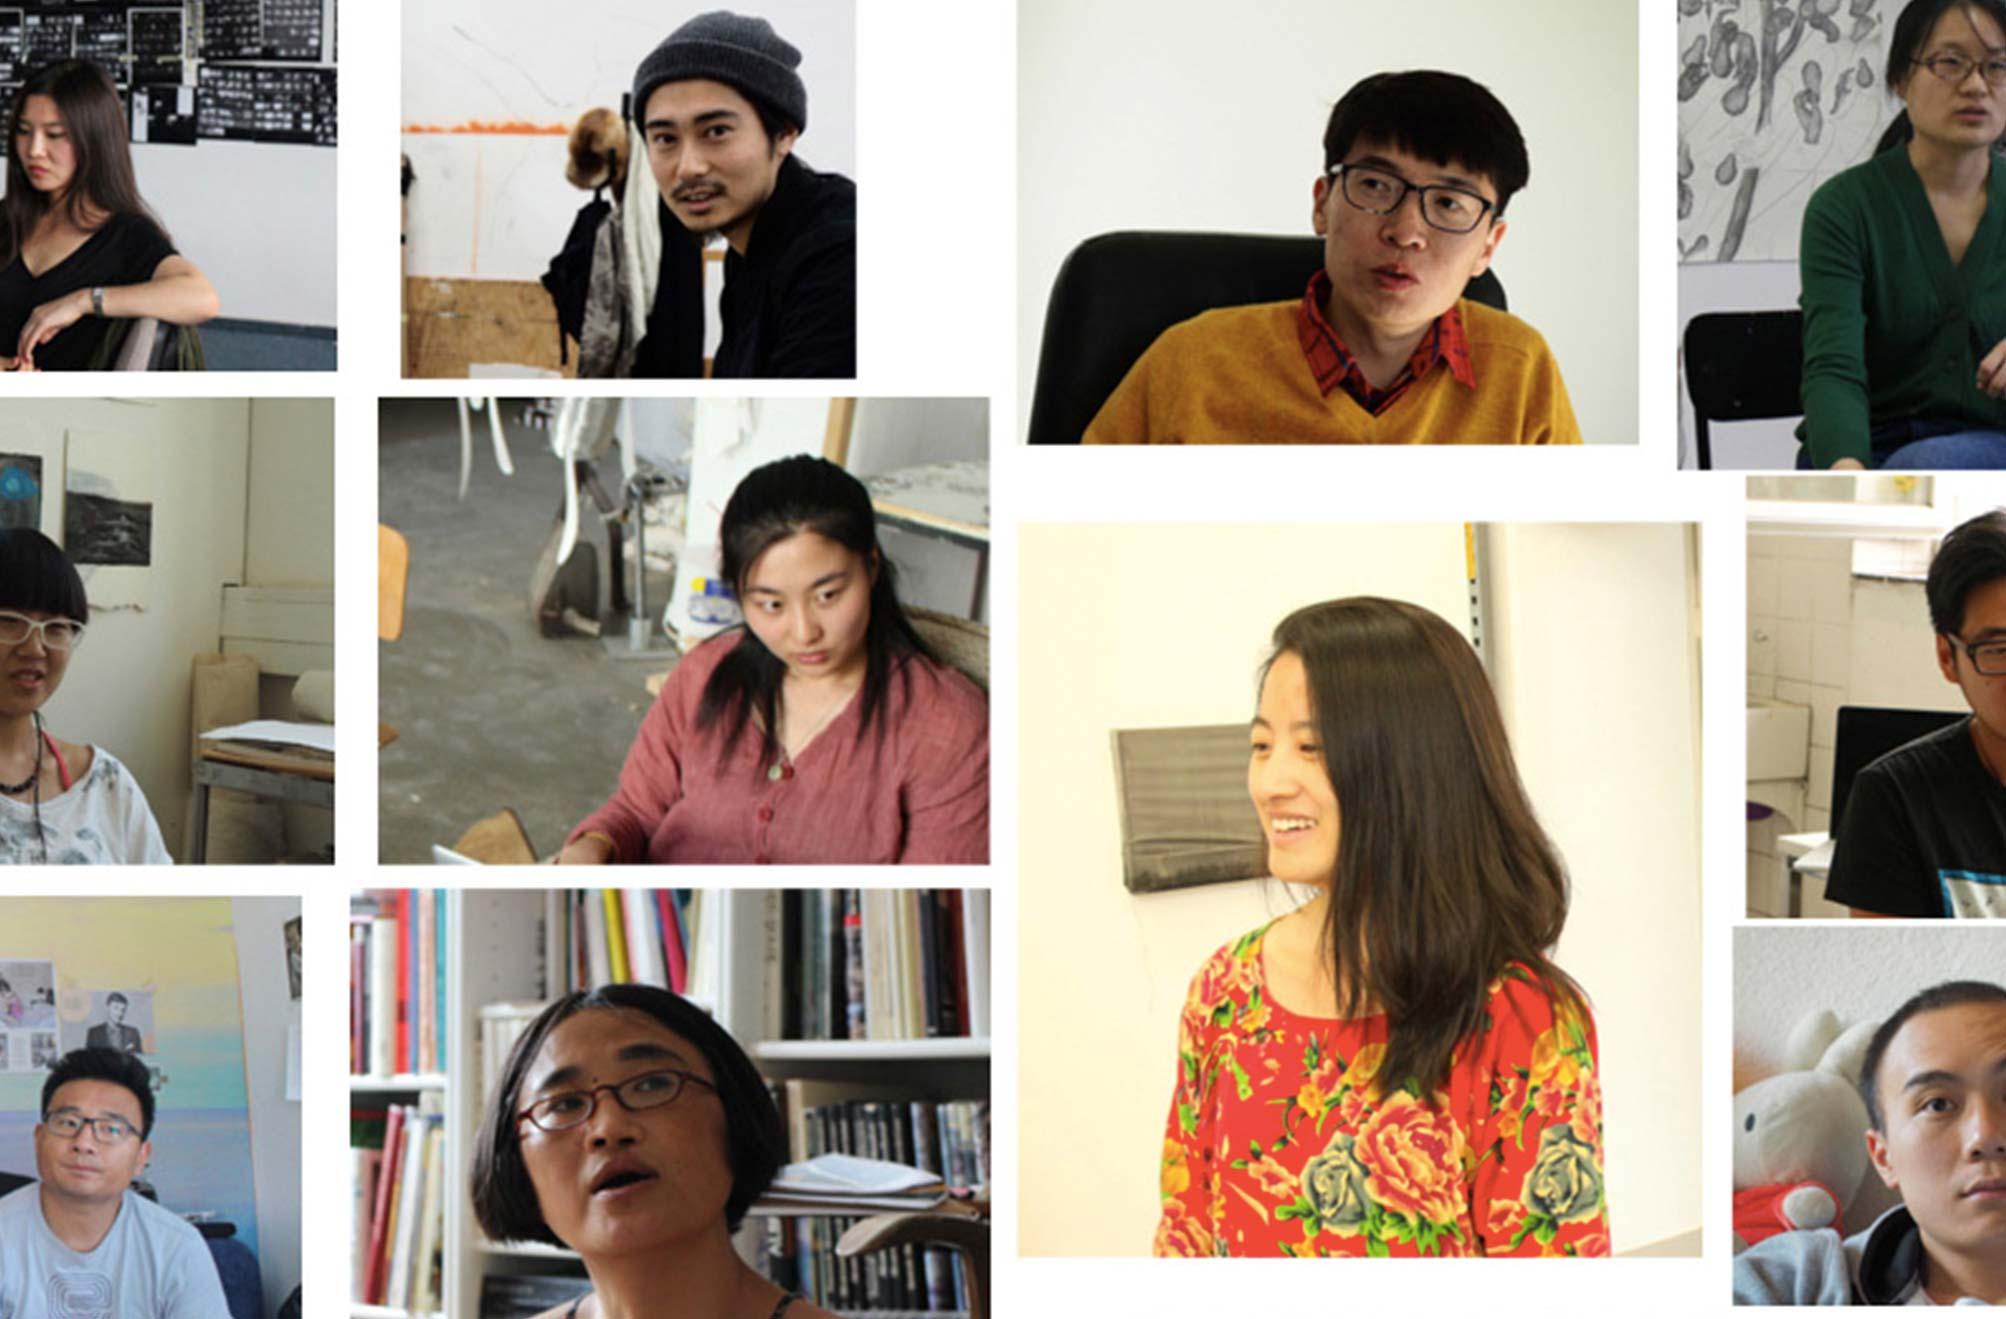 Art in Context, Mengting Ying, udk berlin, Kunst im Kontext, Masterarbeiten art in context 2017, Institut für Kunst im Kontext